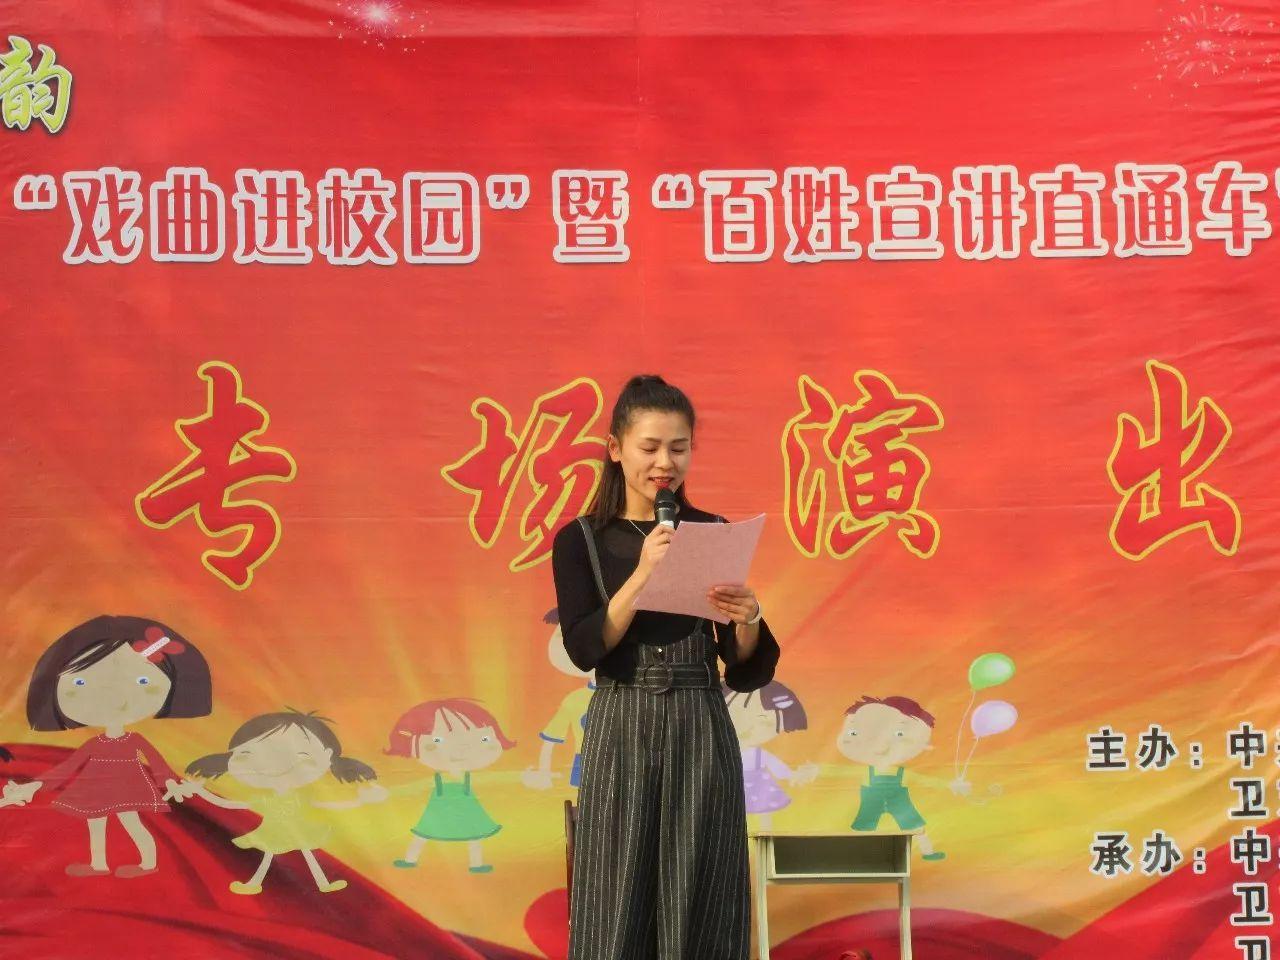 """传承优秀文化 弘扬民族瑰宝 ------东环路小学""""戏曲进校园""""活动"""